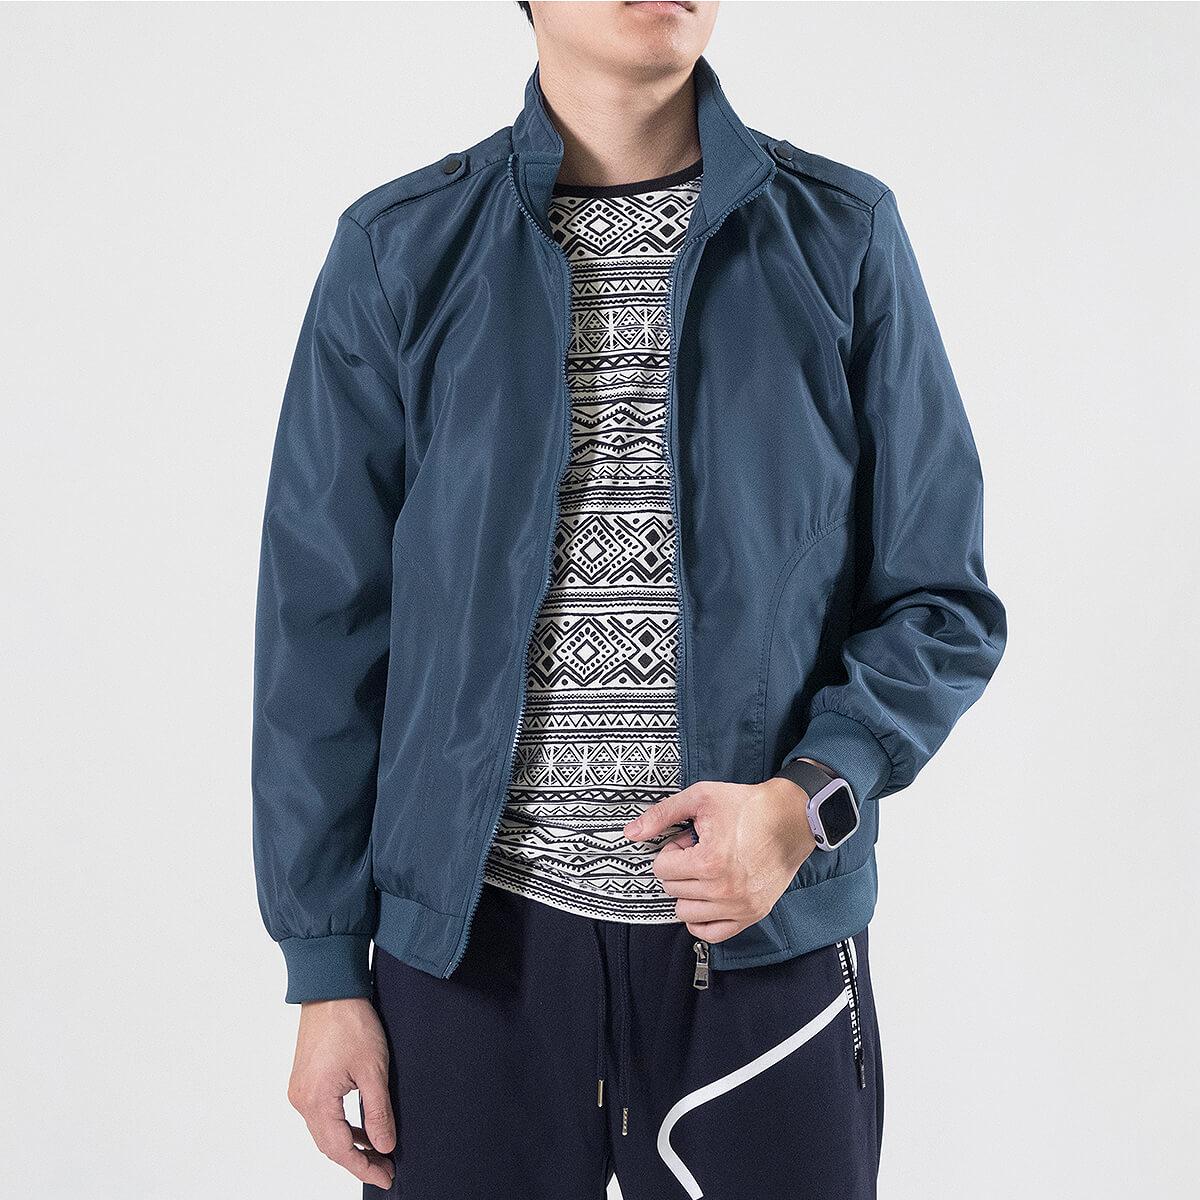 軍裝外套 修身夾克外套 立領素面外套 鈕扣肩章外套 格紋內裡薄外套 防風外套 潮流時尚休閒外套 風衣外套 黑色外套 Military Jacket Men's Jackets Windproof Jackets Button-up Epaulets (321-8025-01)咖啡色、(321-8025-02)藍綠色(321-8025-04)黑色  L XL 2L 3L 4L (胸圍109~124公分  43~49英吋) 男 [實體店面保障] sun-e 3